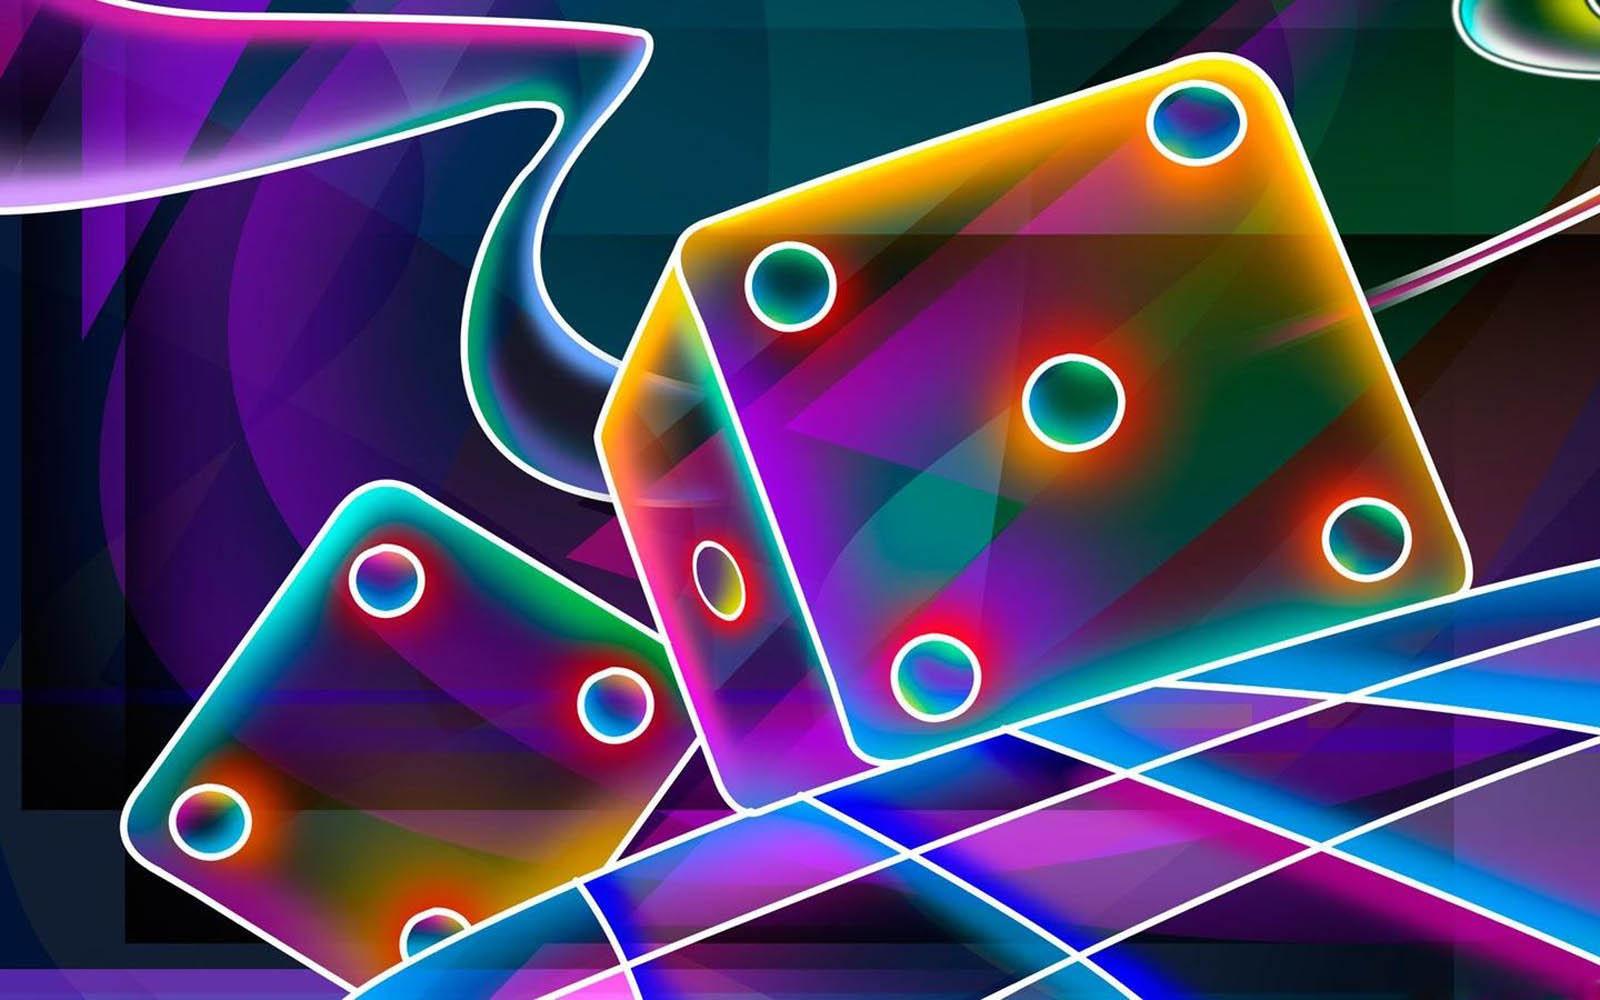 wallpapers: Neon Art Wallpapers